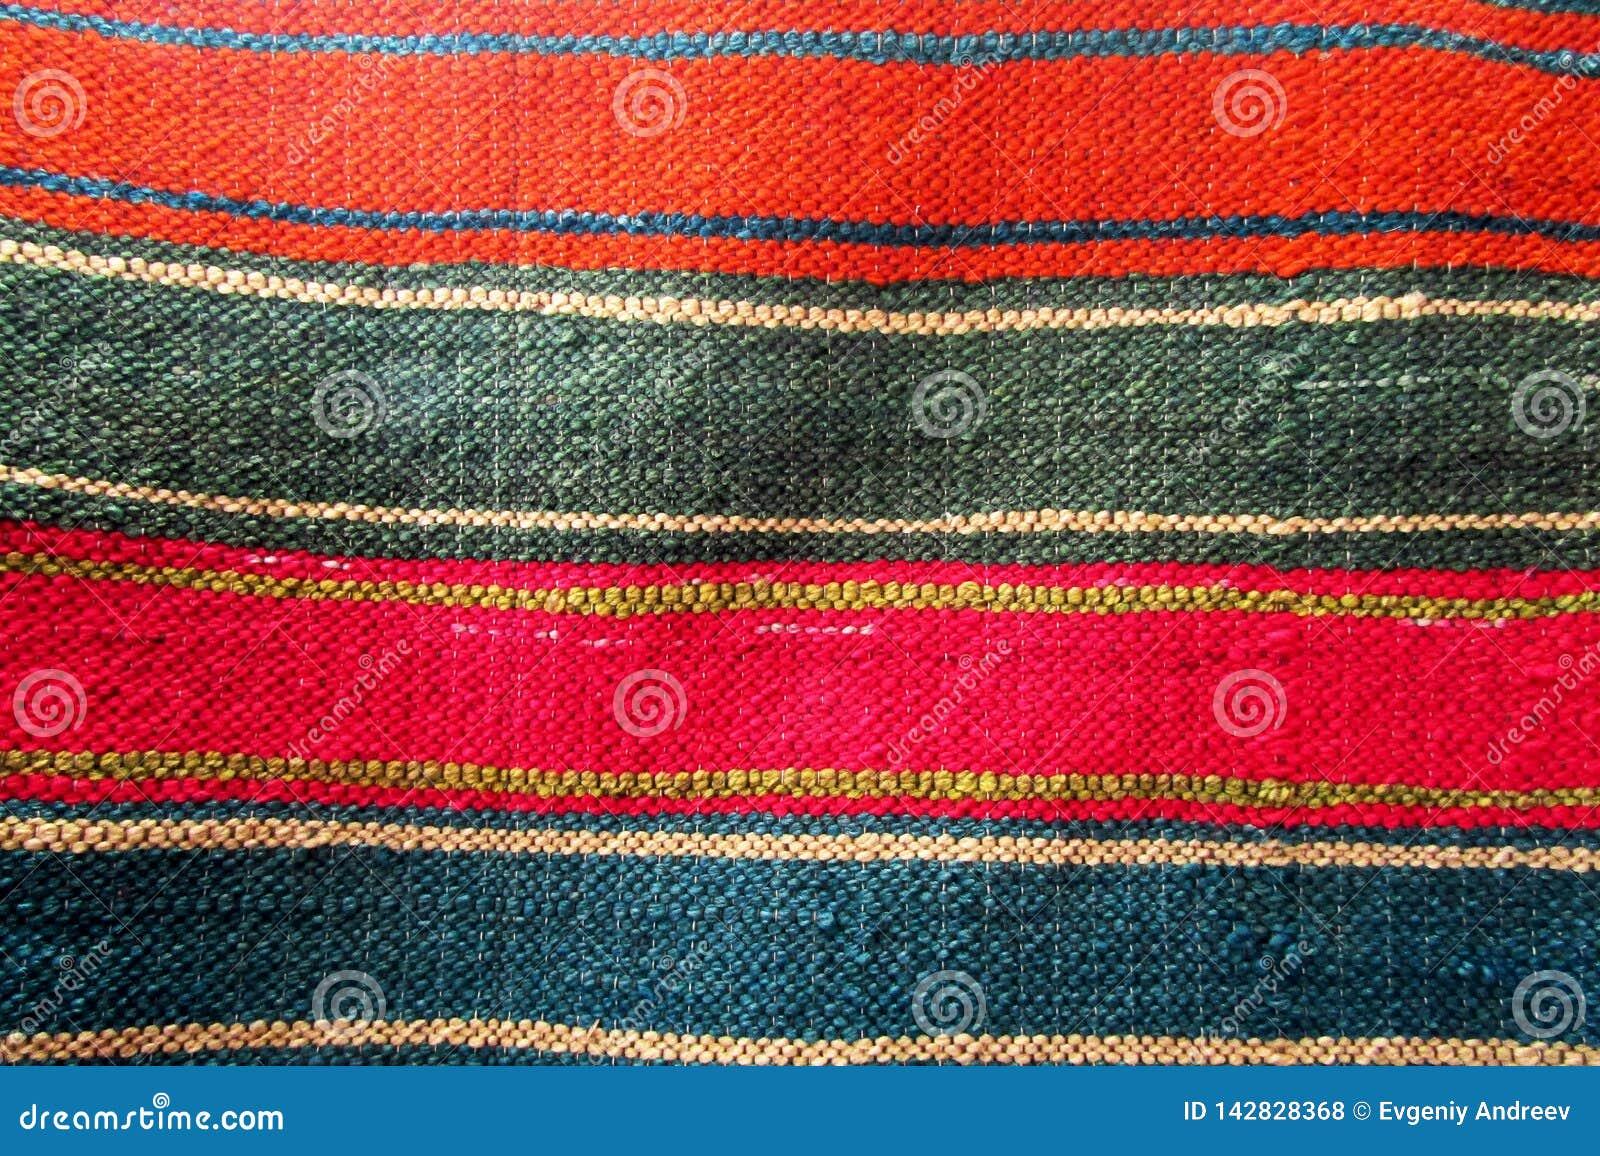 Striped, multicolored carpet.